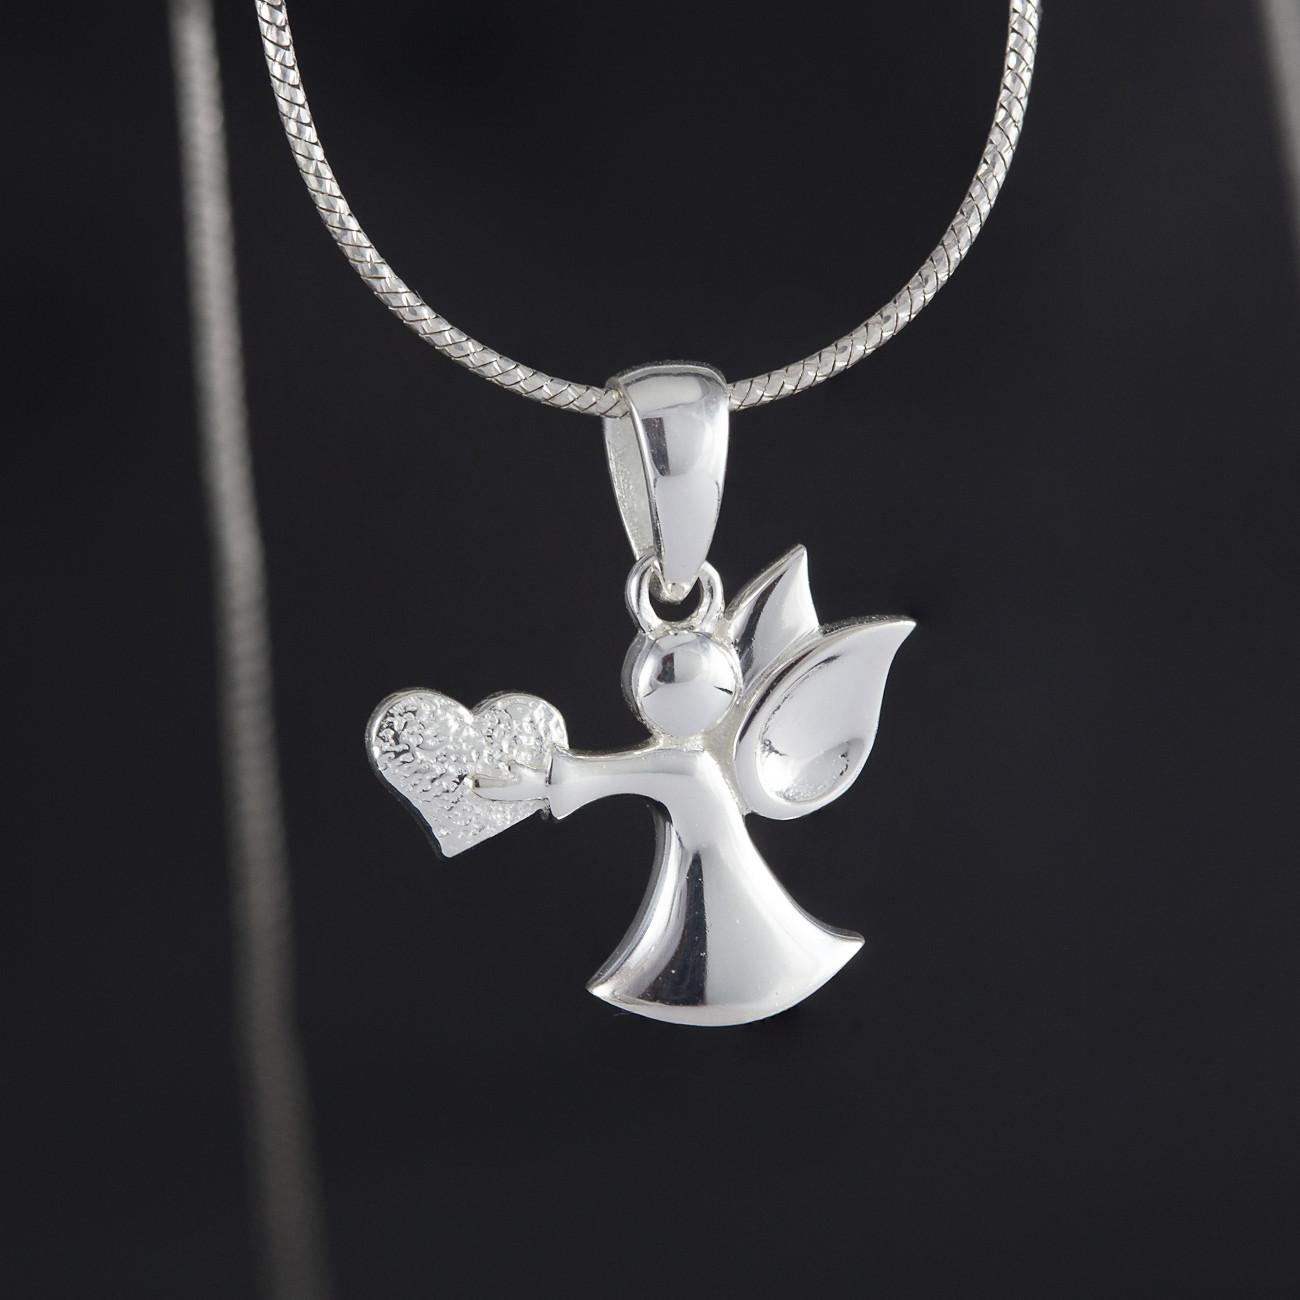 Přívěsek anděl stříbro nesoucí srdce